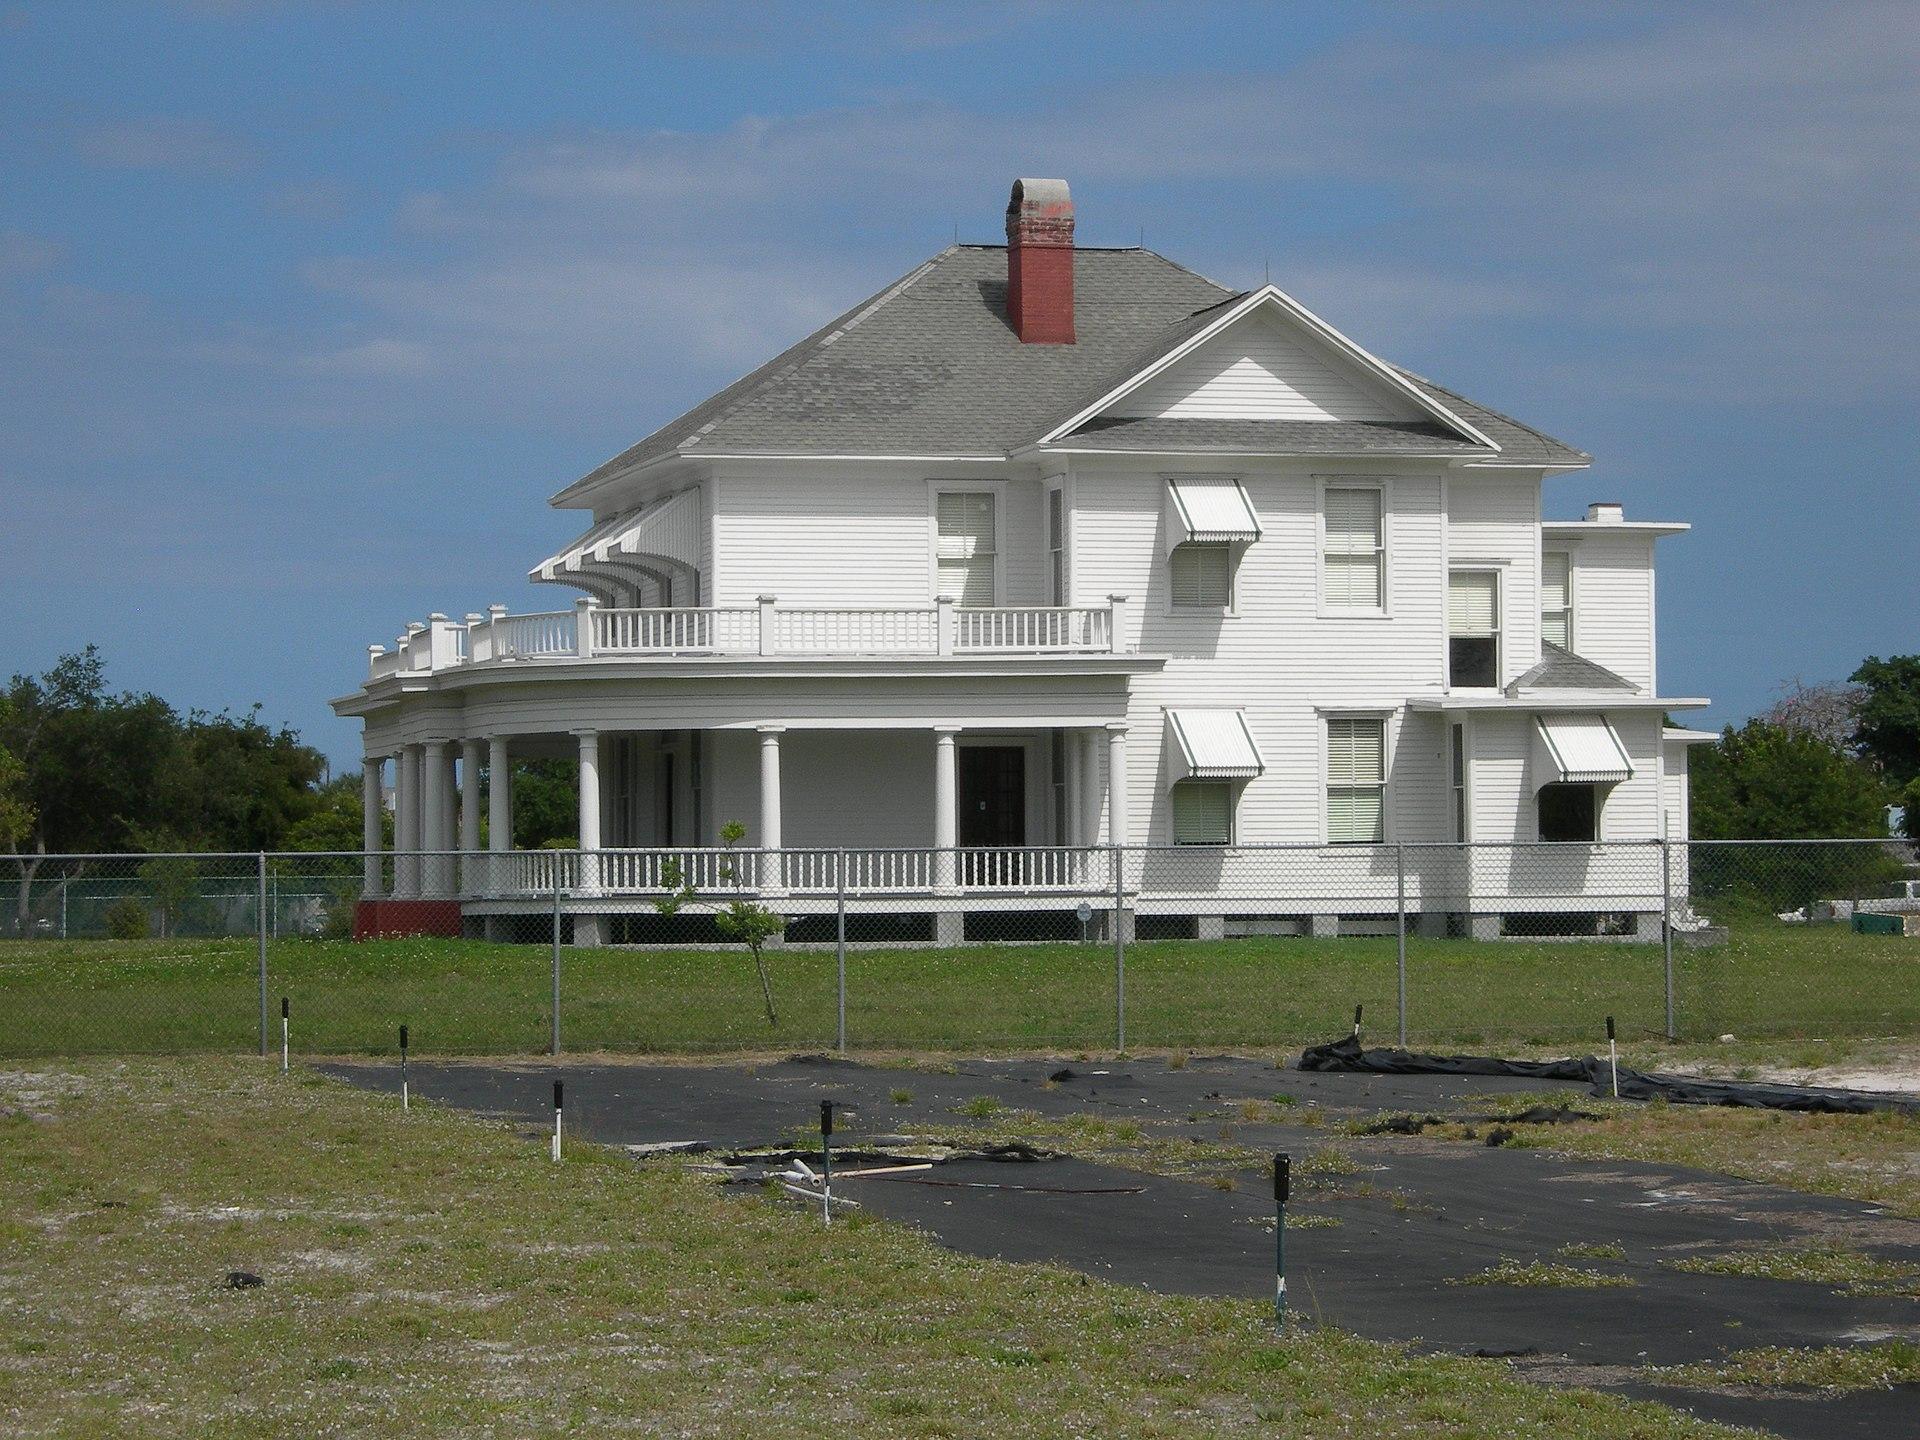 Sample mcdougald house wikipedia for Sample house